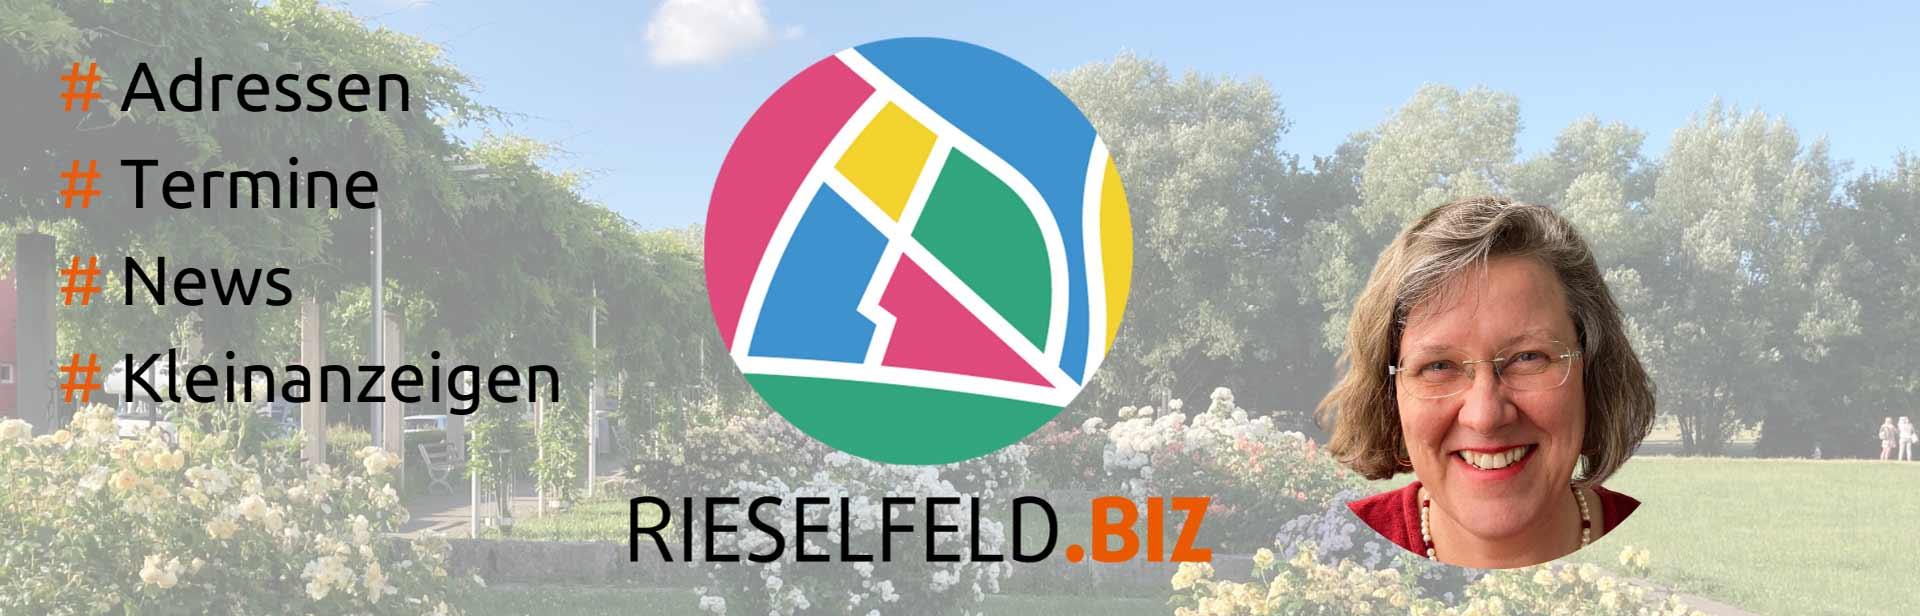 RIESELFELD-BIZ